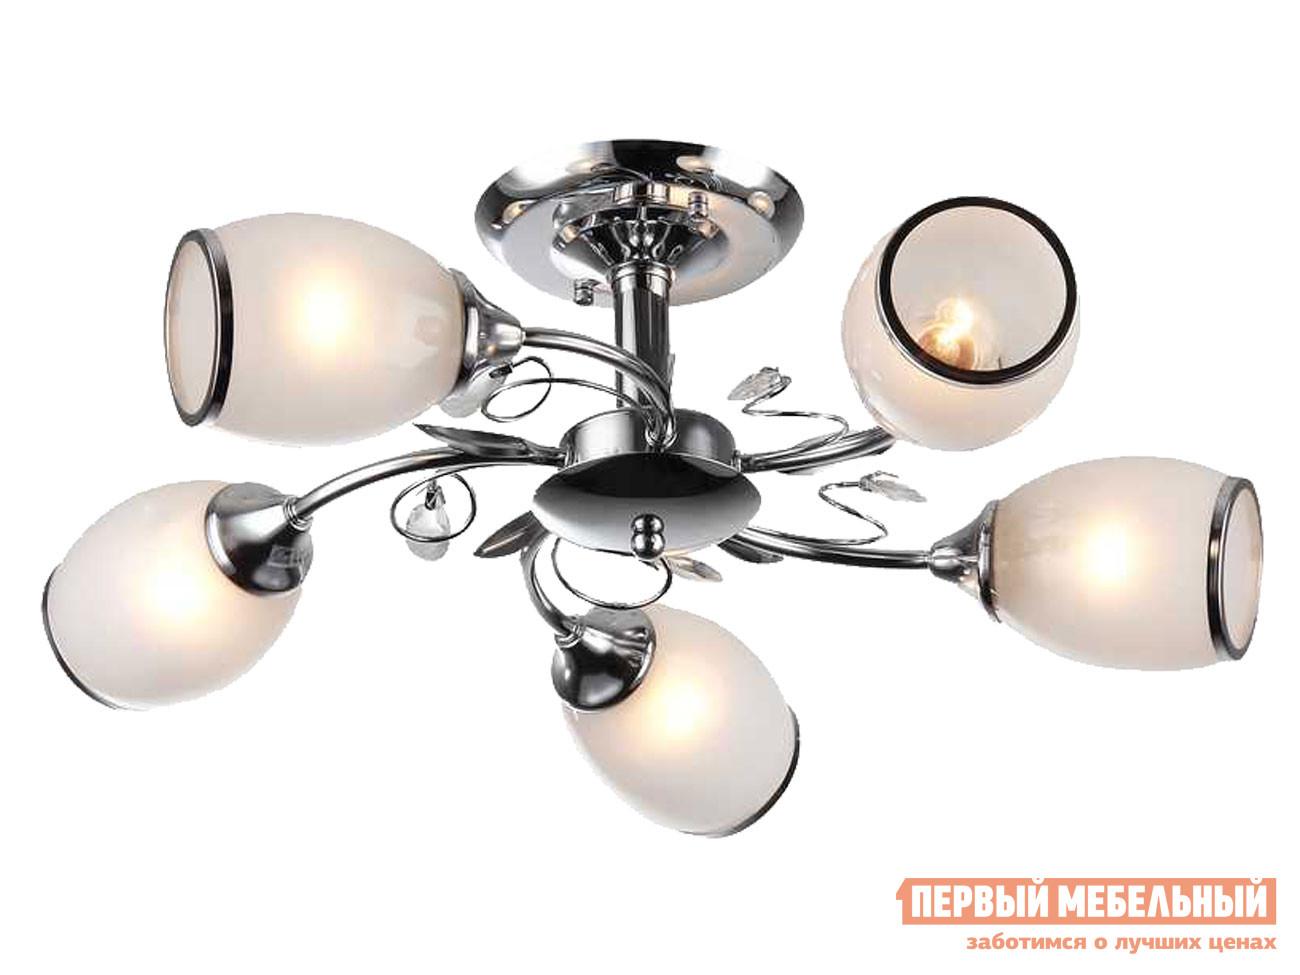 Потолочная люстра Первый Мебельный Люстра потолочная MD.1473-5-S CH 5*60Вт E27